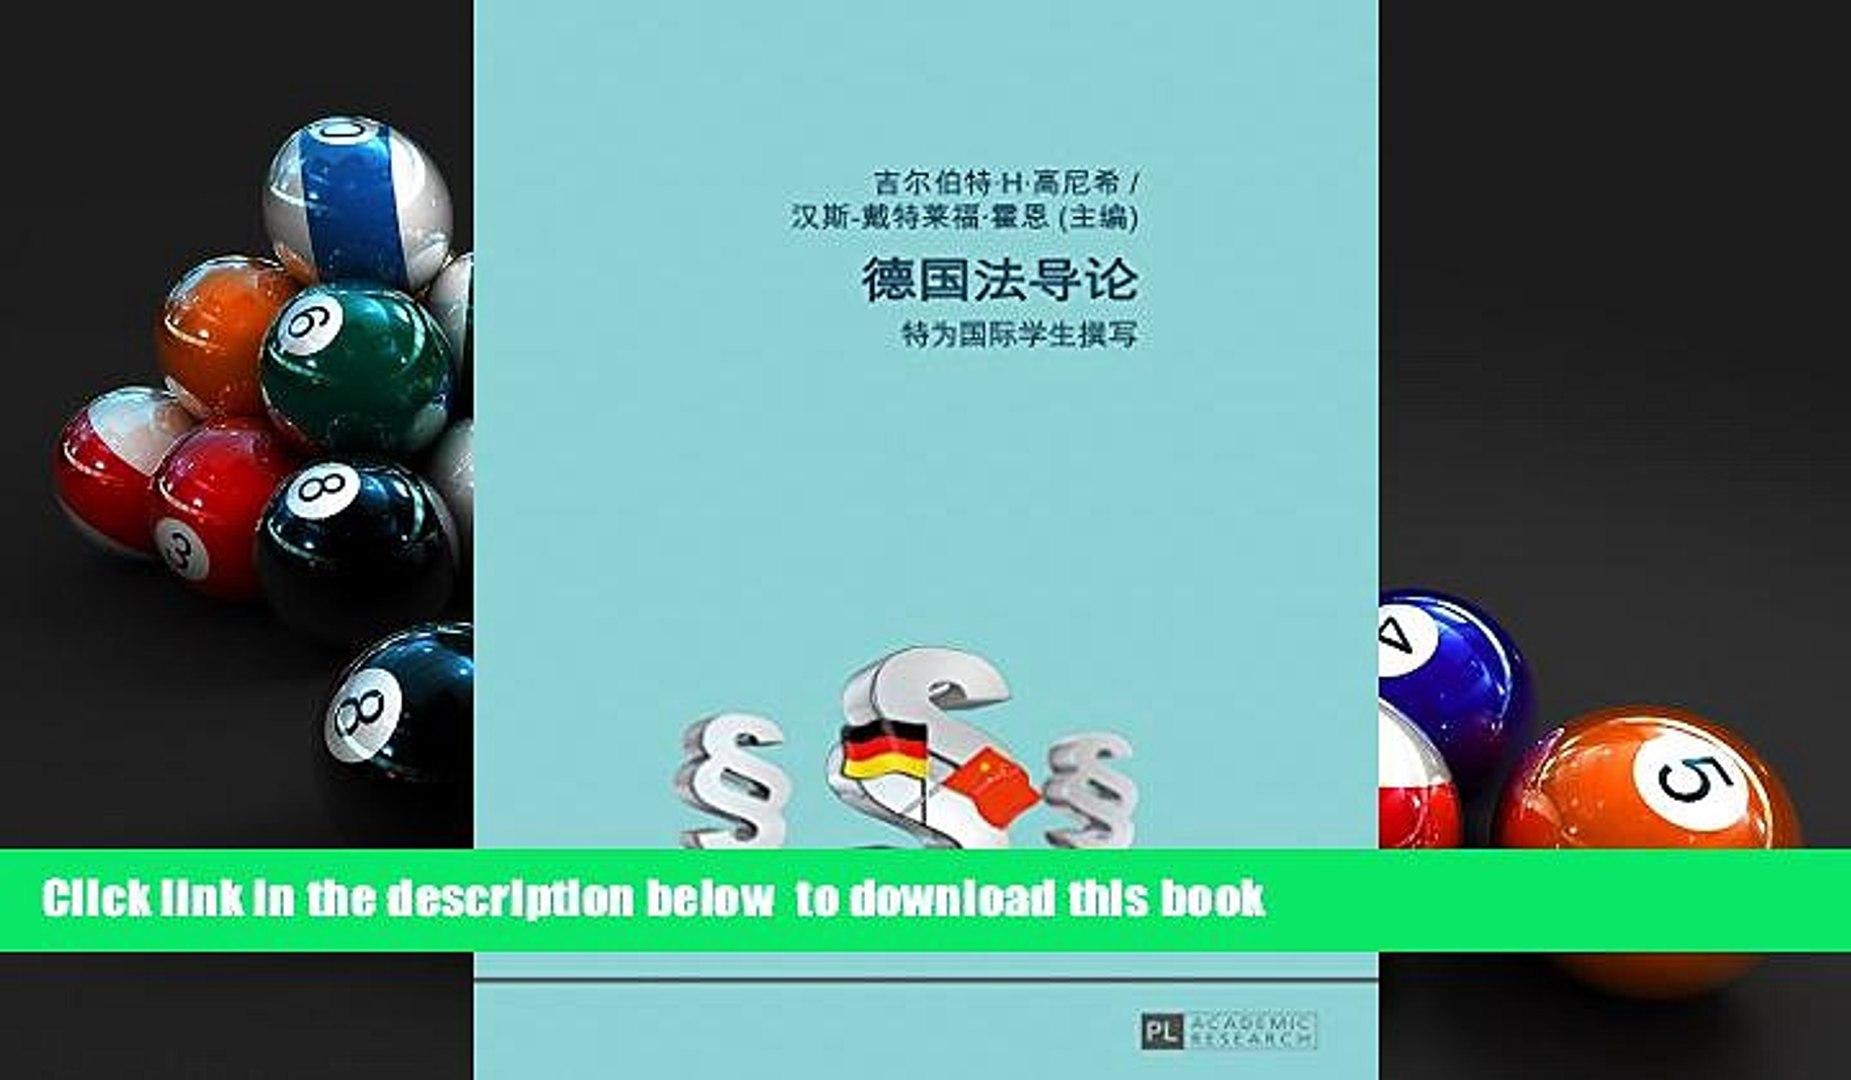 PDF [FREE] DOWNLOAD  dé guó fa dao lùn: tè wèi guó jì xué sheng zhuàn xie. yuán zhù: ka